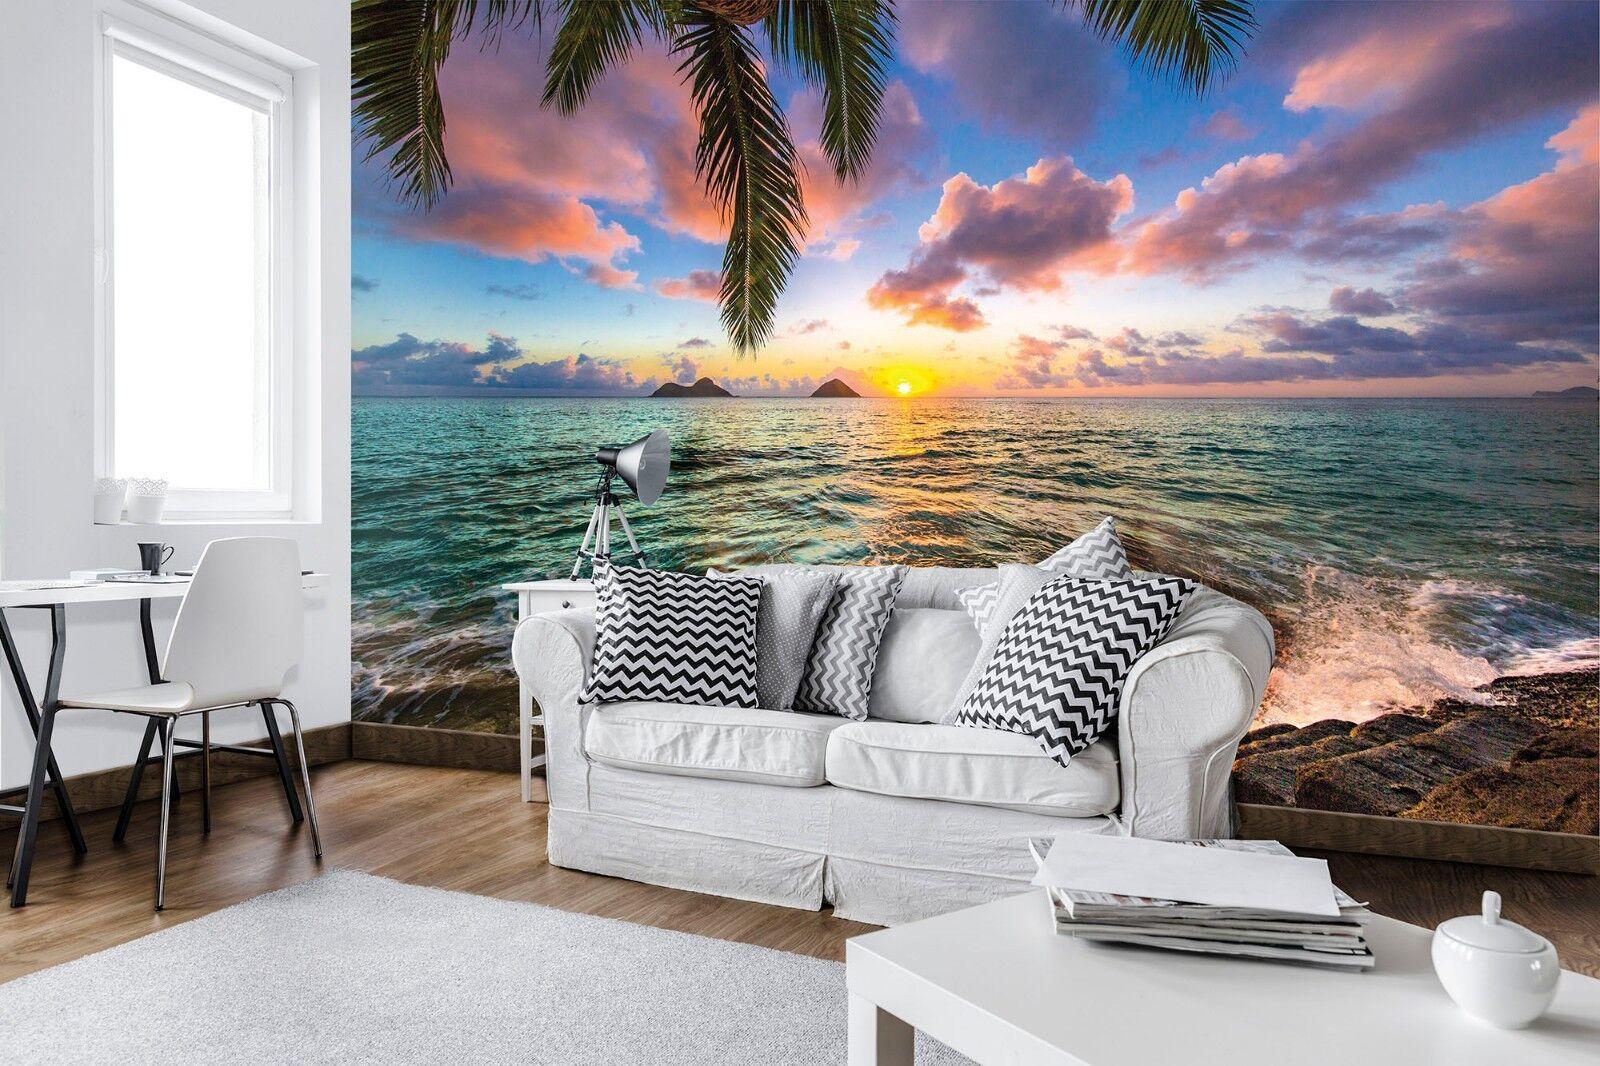 Fototapete Wandtapete Vlies Kinder Schlafzimmer Blauer Ozean und Palmen Tropics